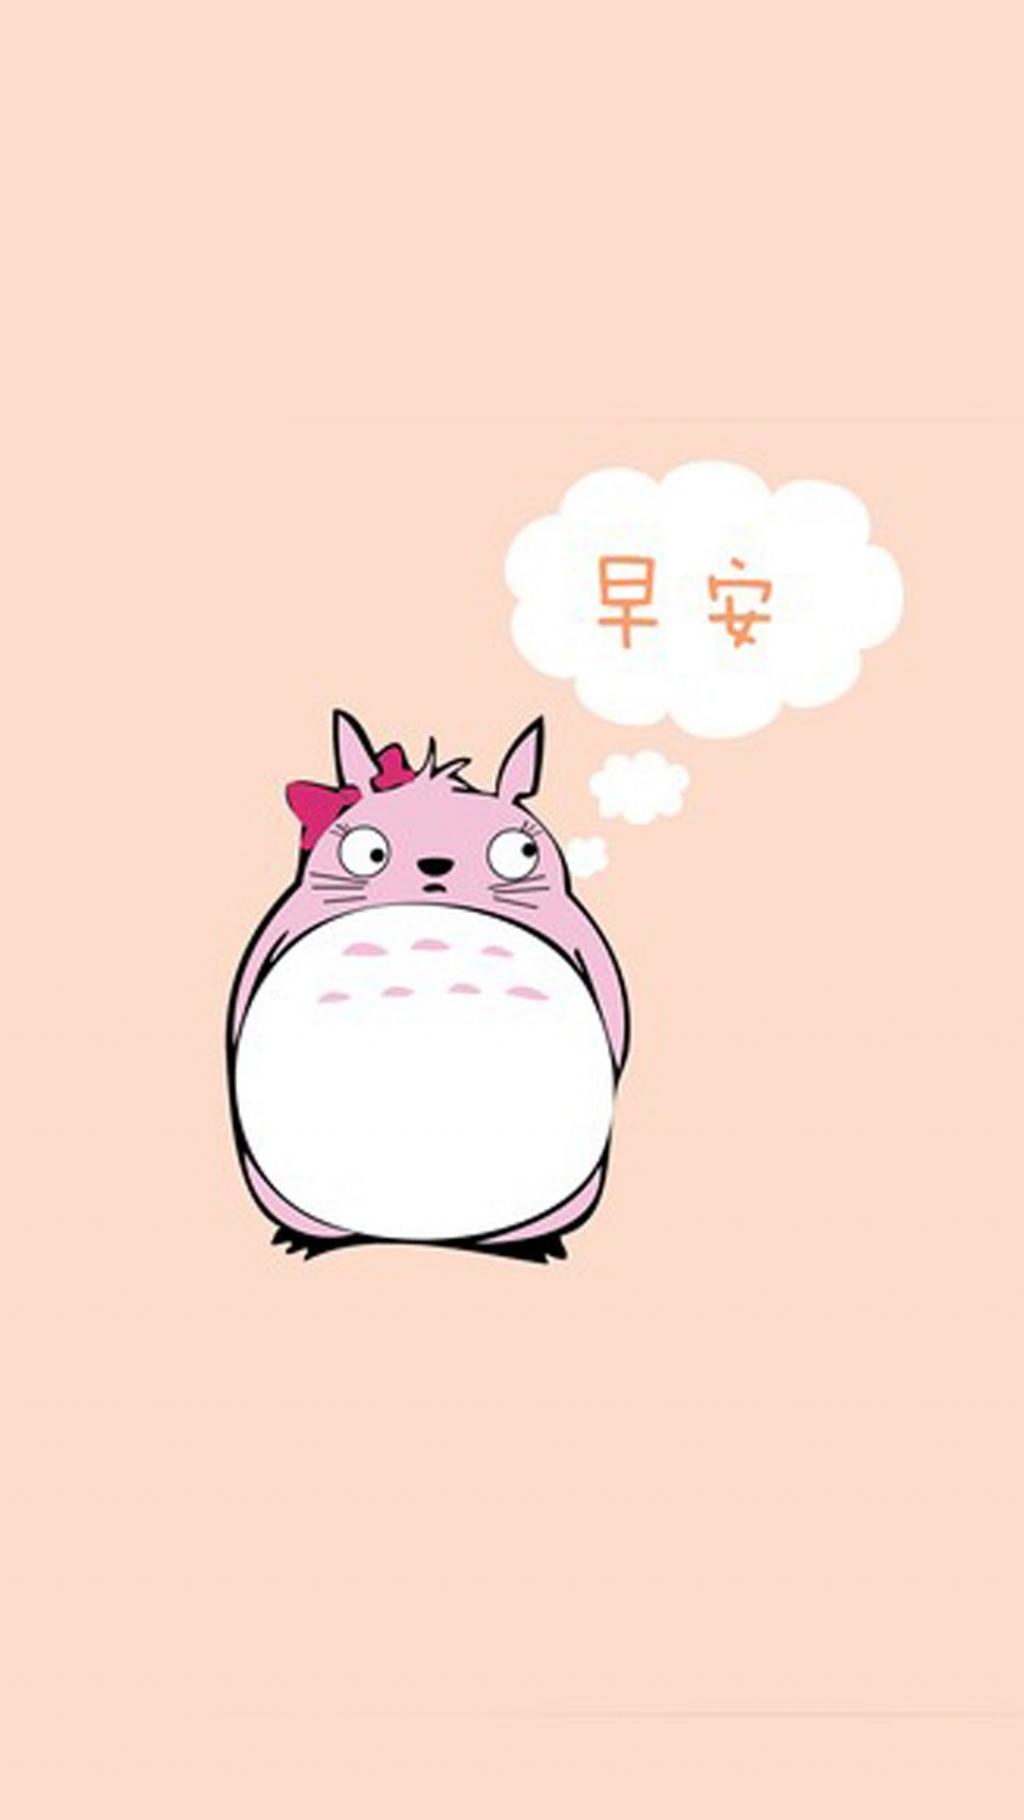 粉色的龙猫早安图片